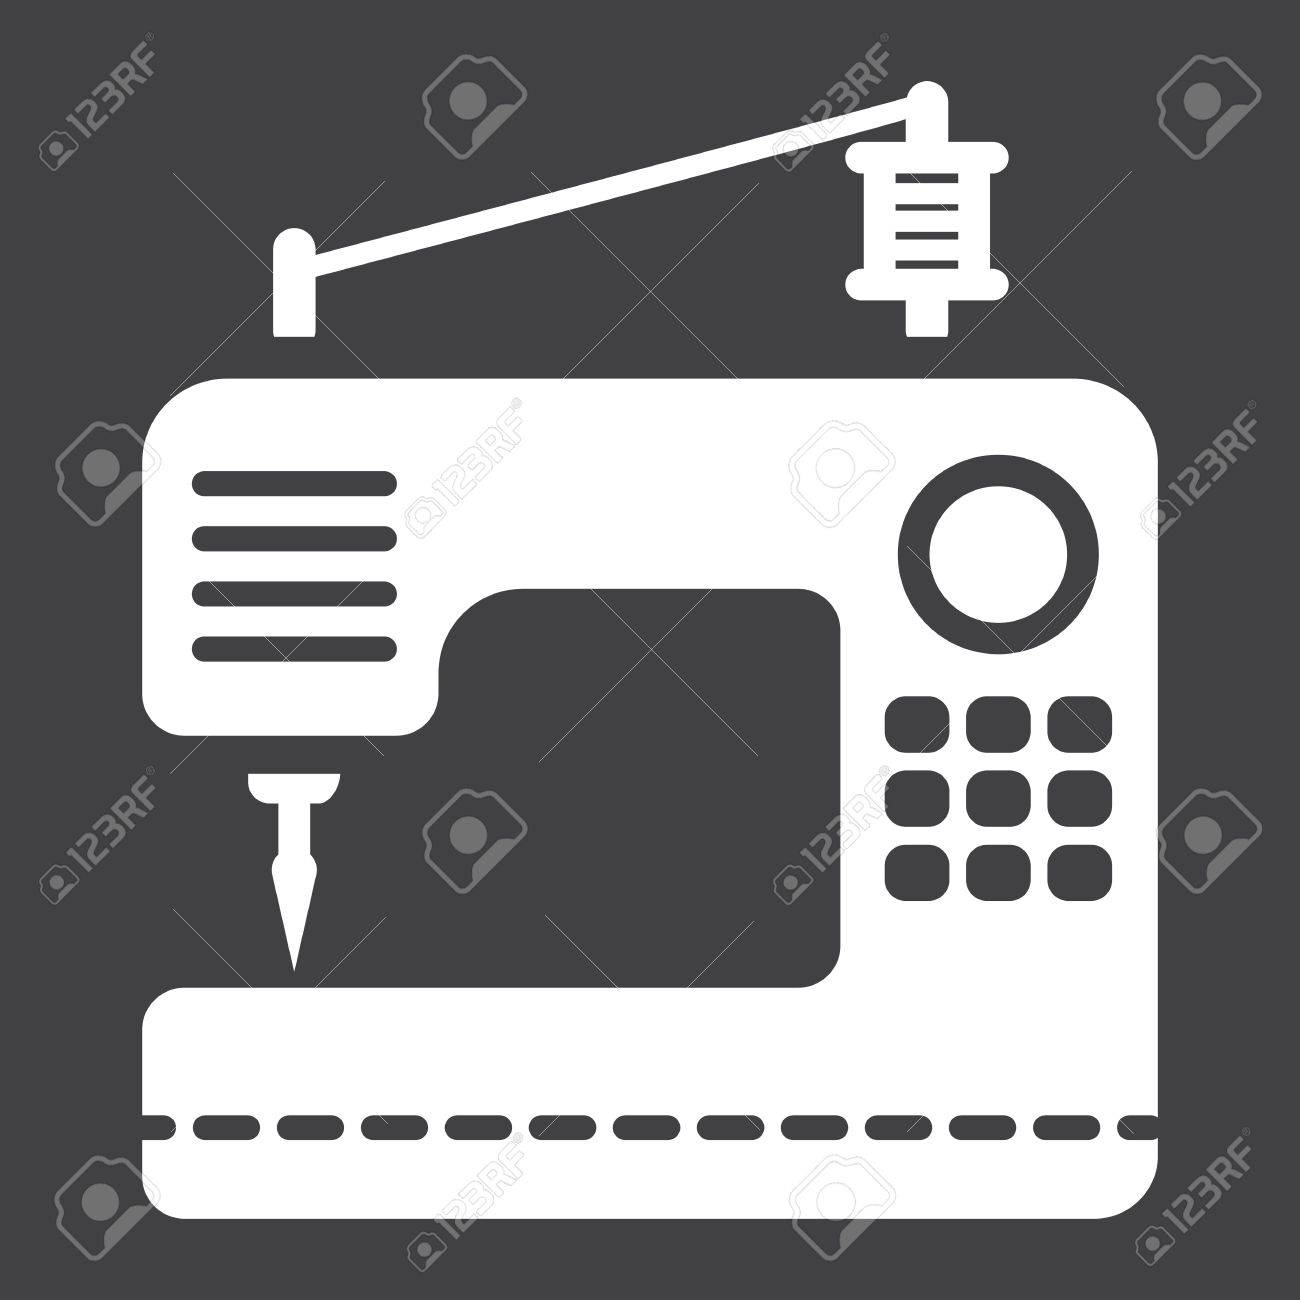 Máquina de coser icono sólido, hogar y la aplicación, gráficos vectoriales,  un patrón de glifo sobre un fondo negro, eps 10.